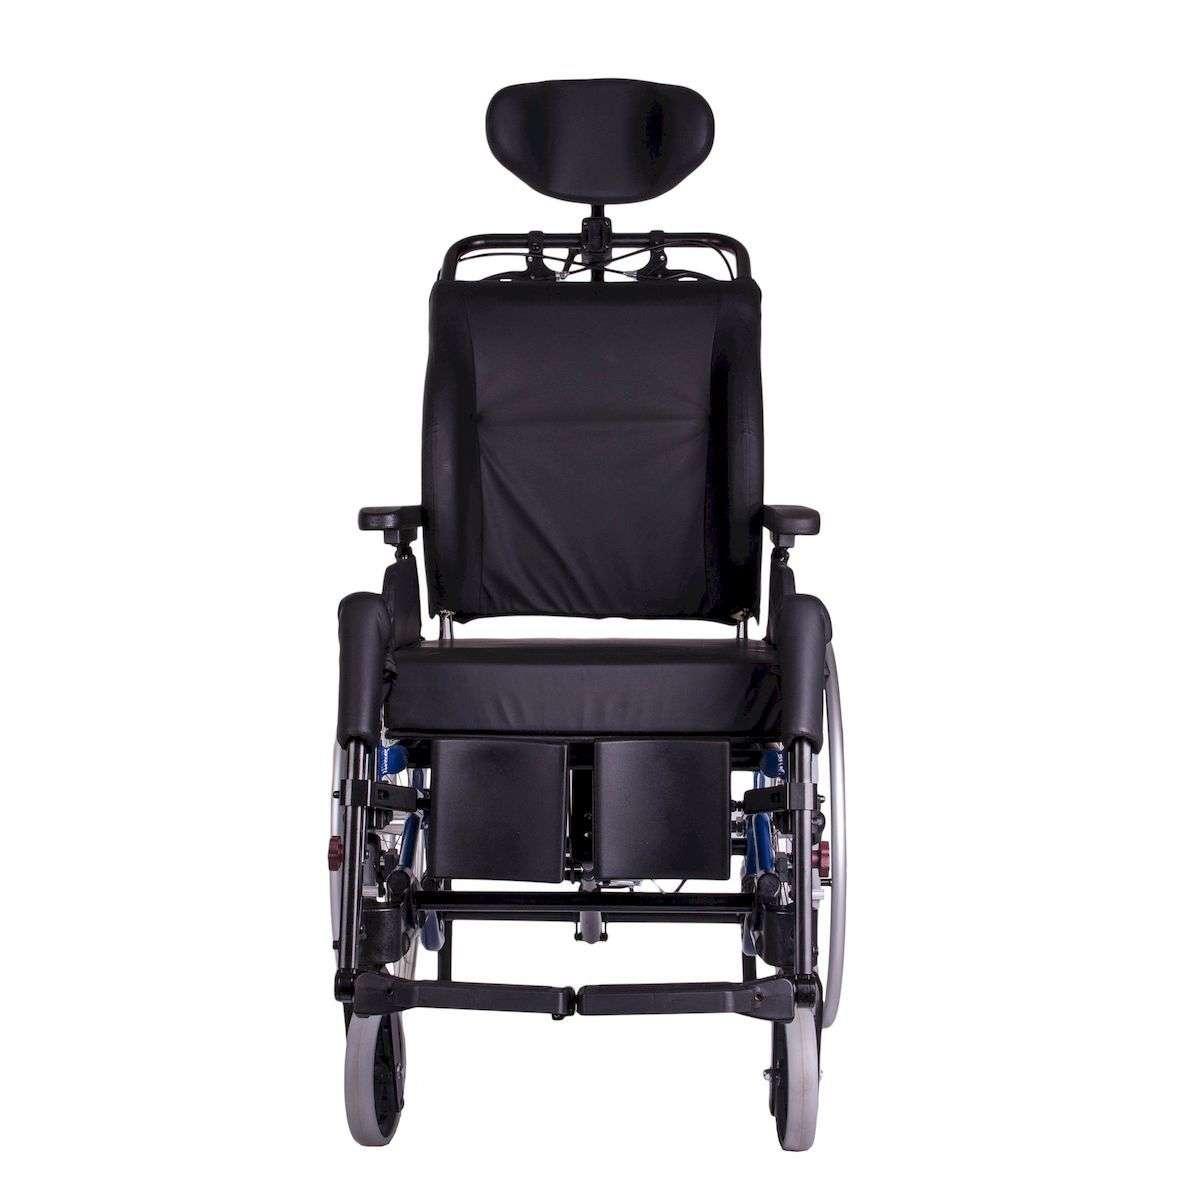 Многофункциональная инвалидная коляска премиум-класса, OSD Netti